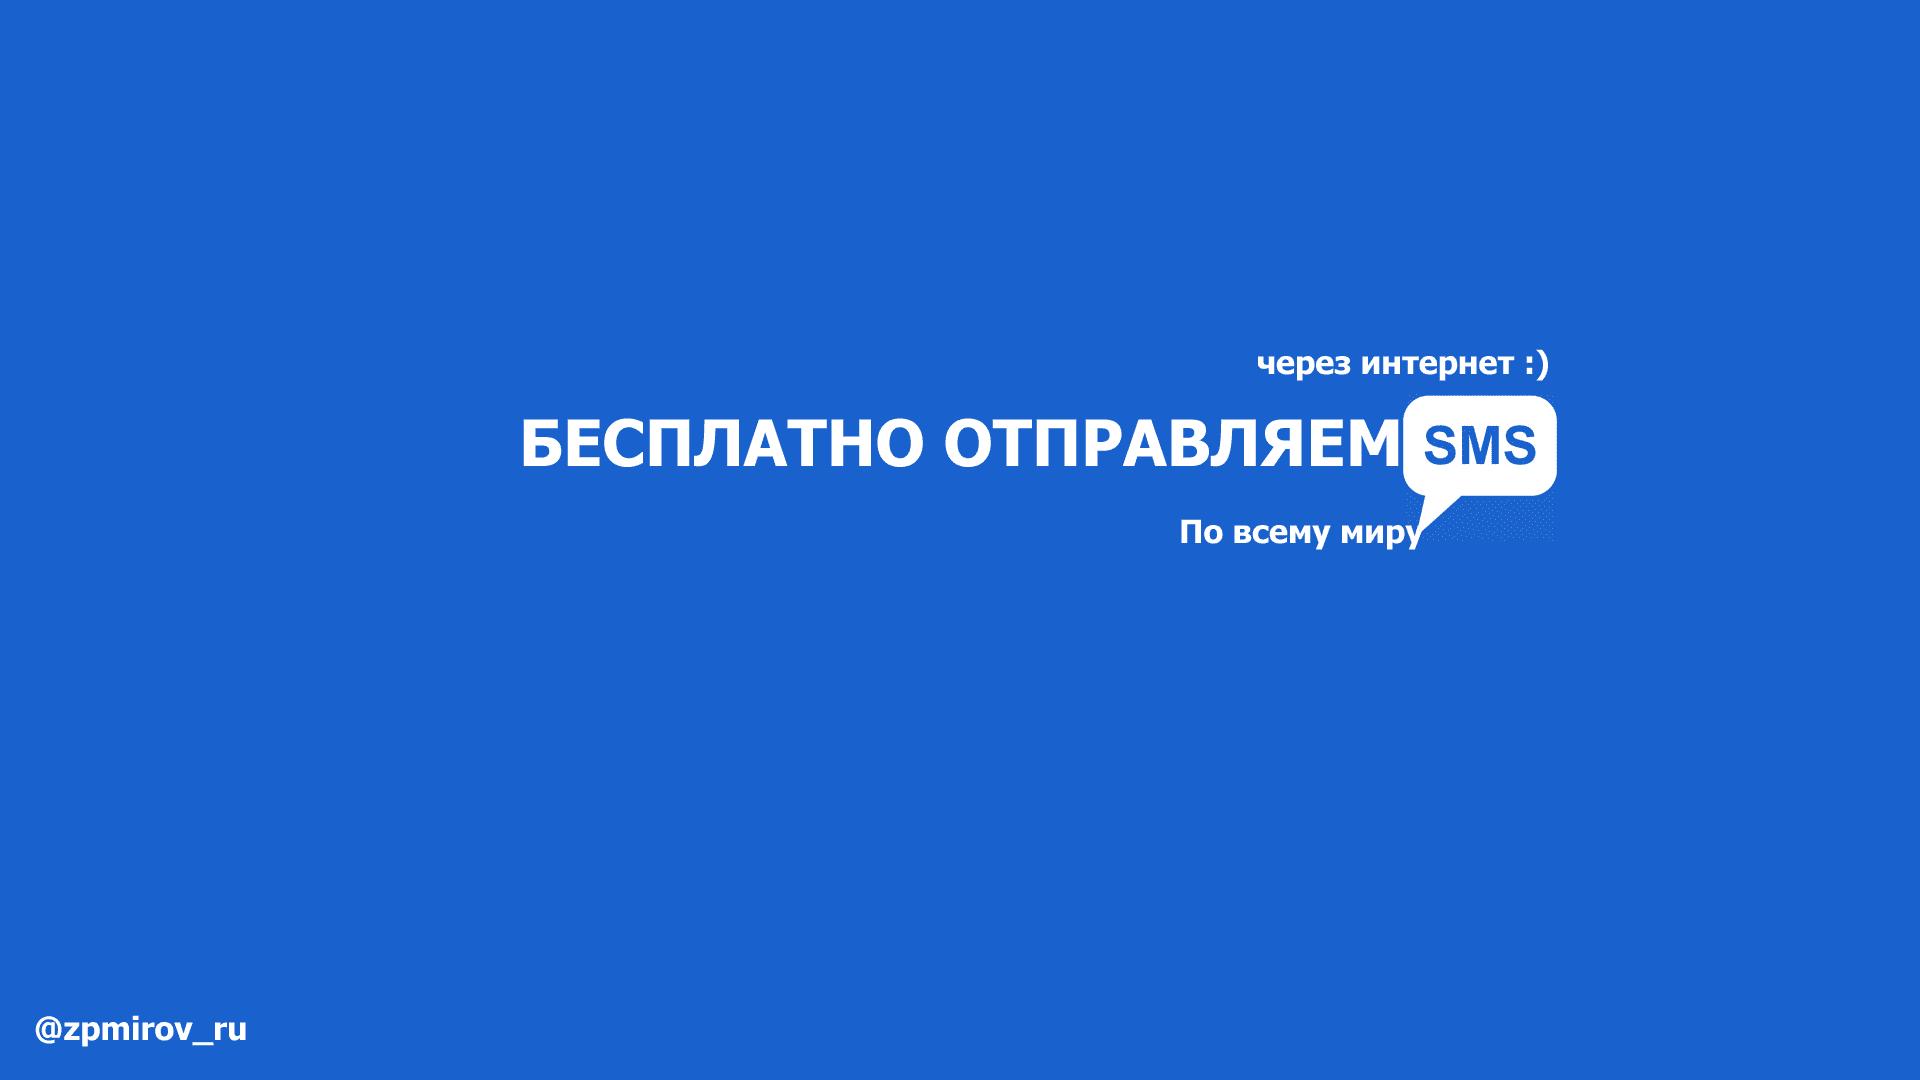 БЕСПЛАТНО-ОТПРАВЛЯЕМ-СМС-ЧЕРЕЗ-ИНТЕРНЕТ